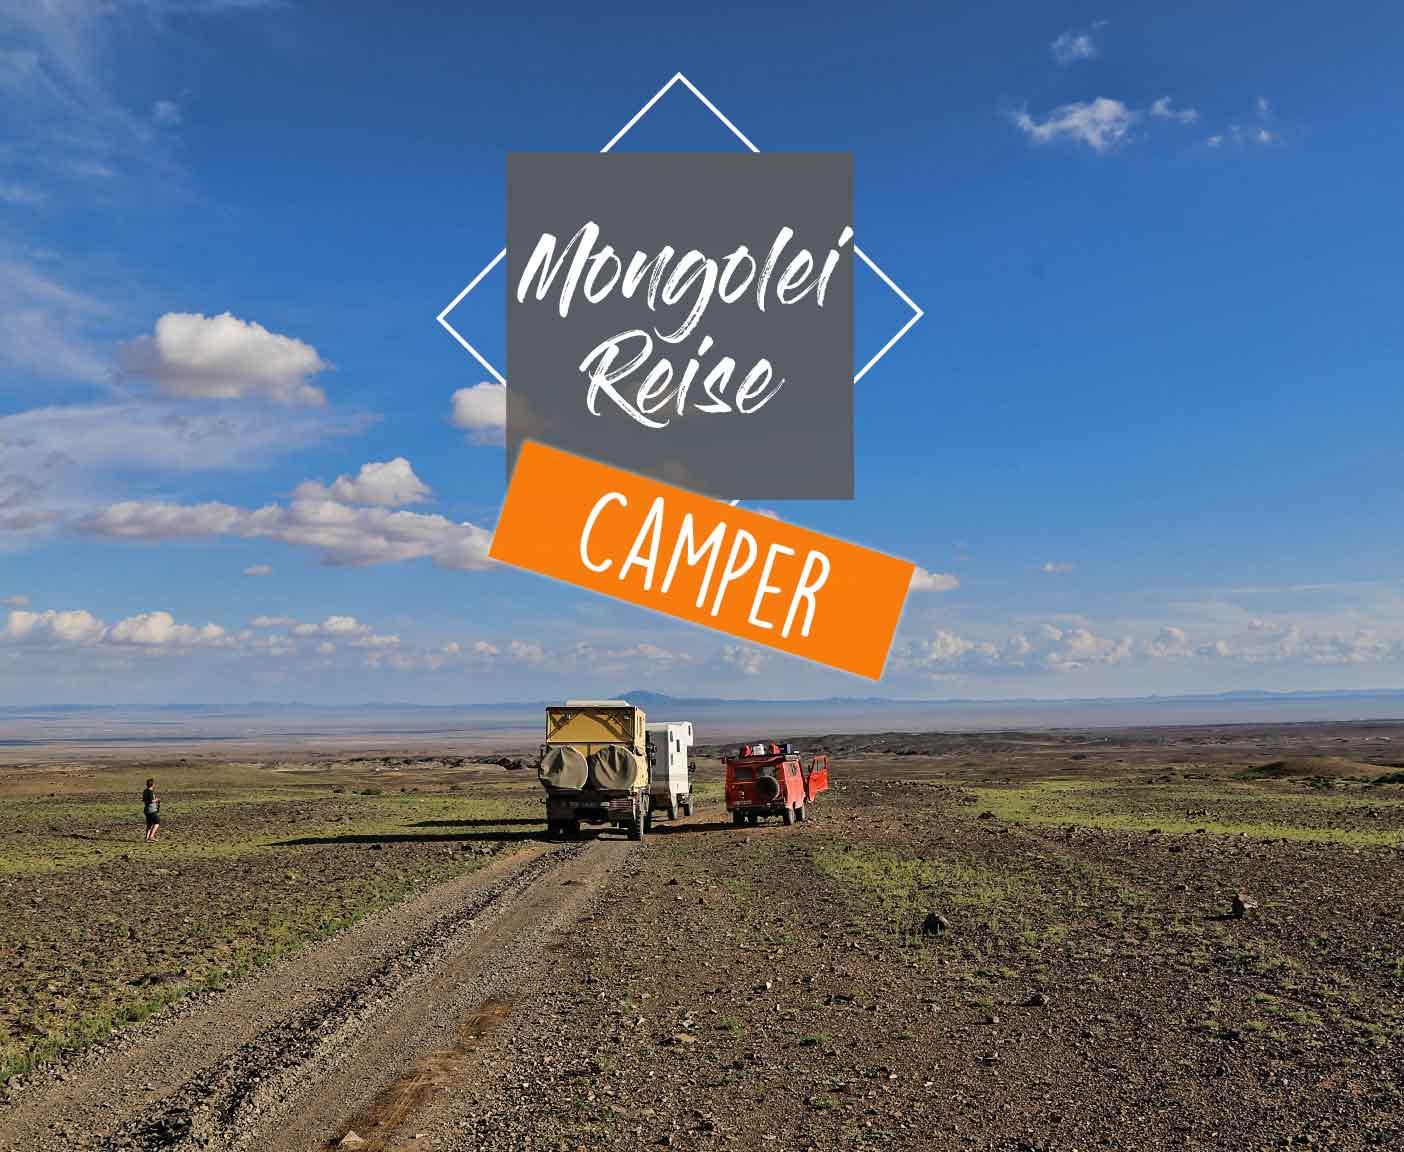 mongolei-reise-camper-gobi-wueste-desert-abenteuer-expedition-4x4